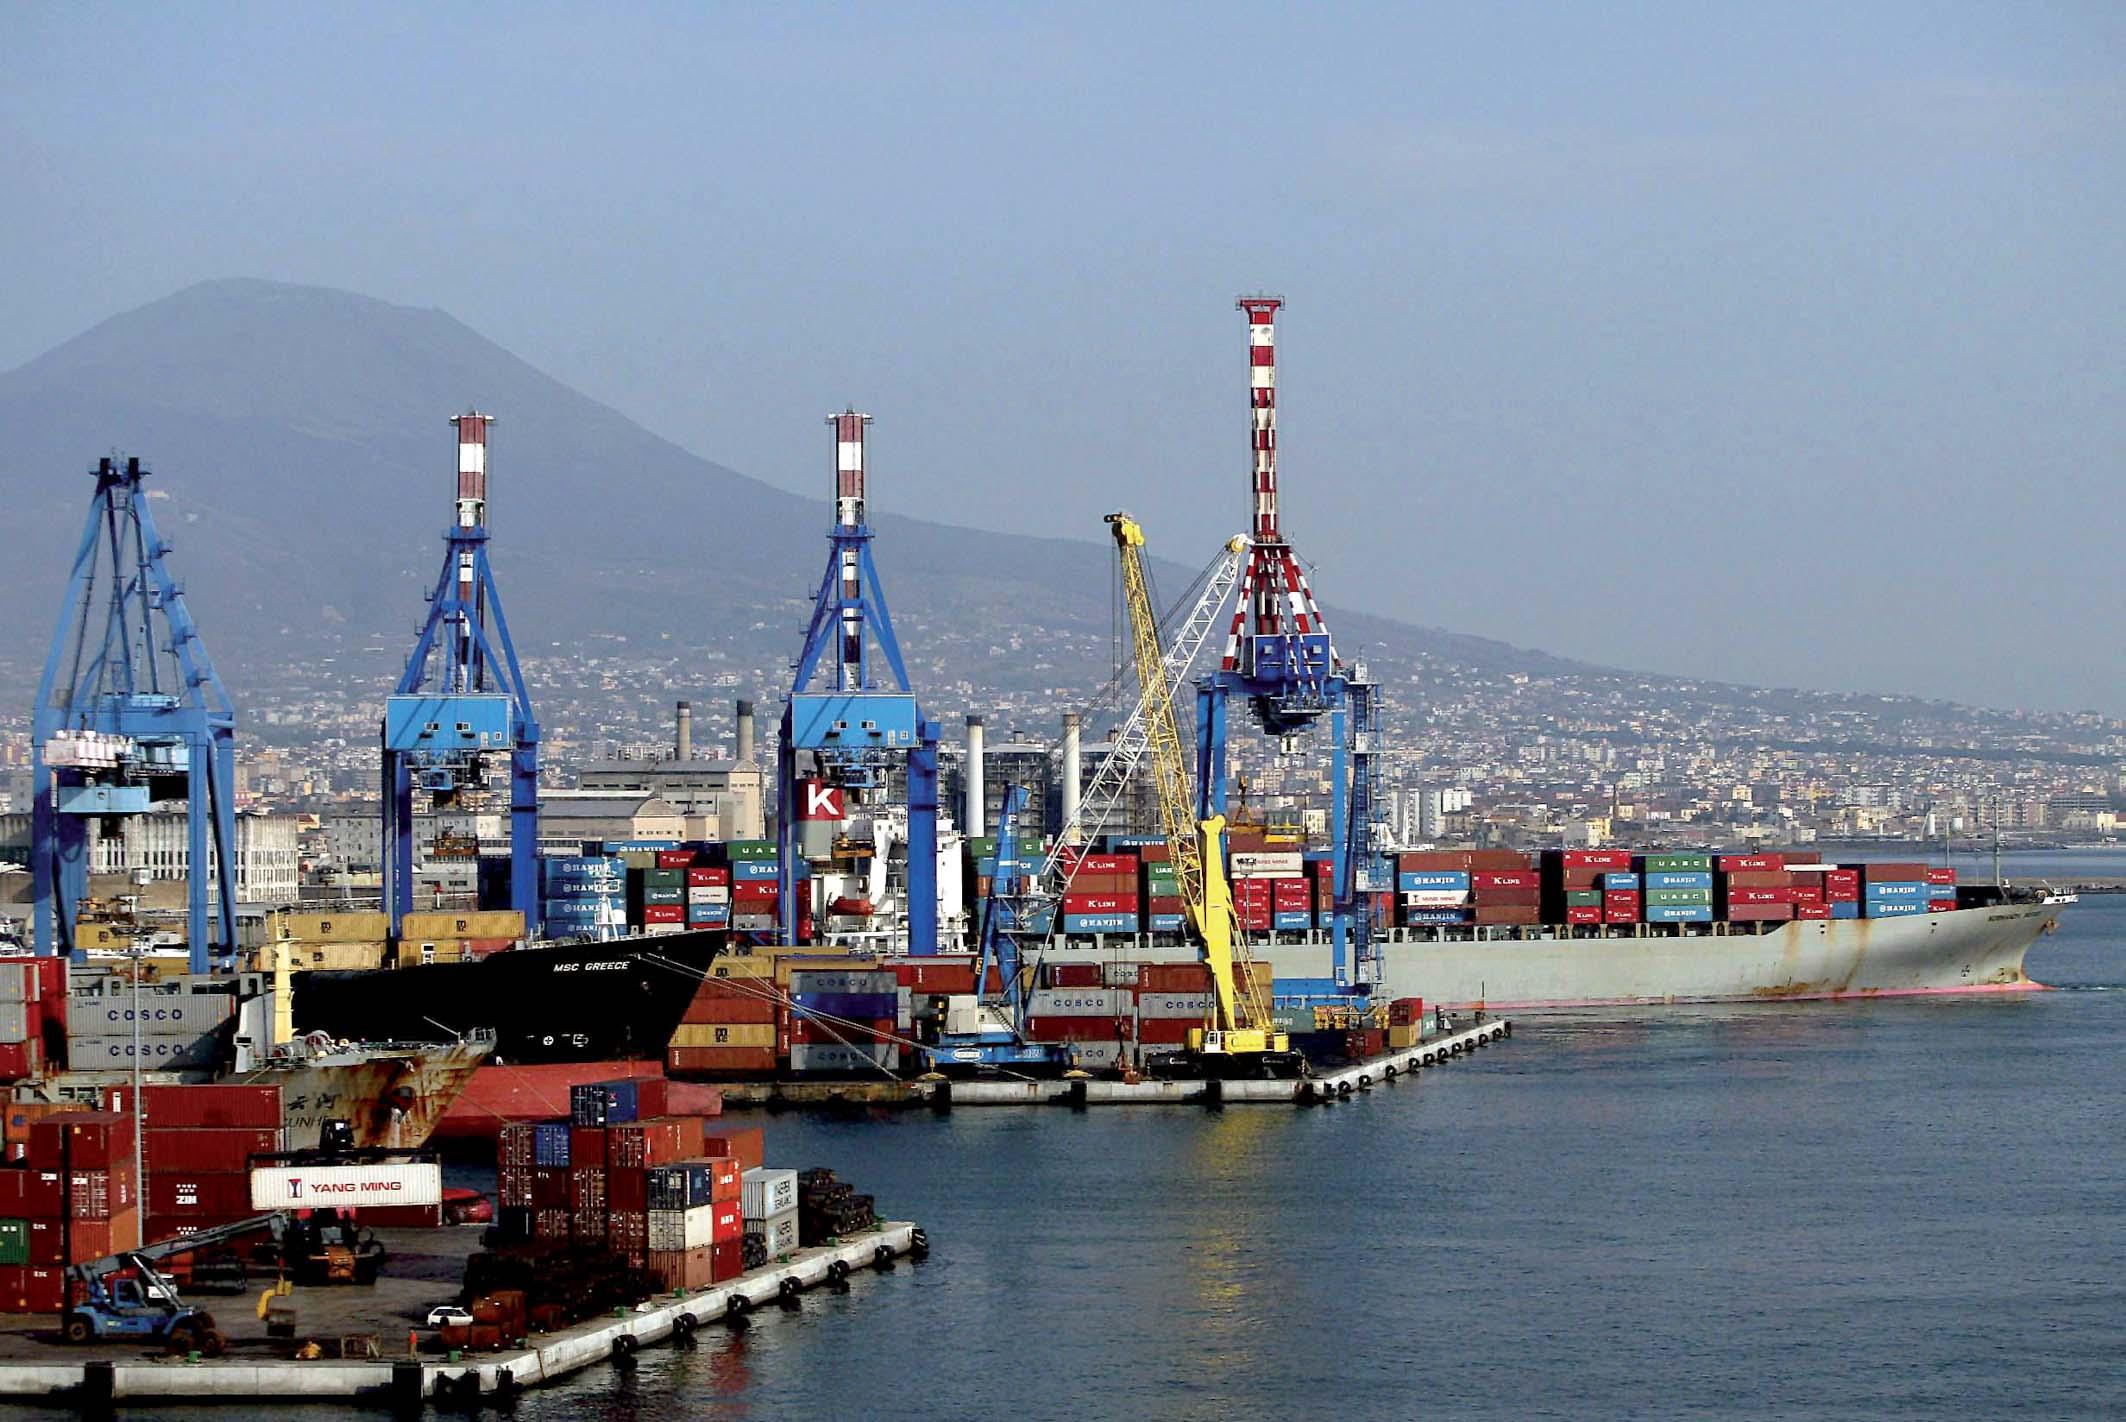 Il Porto di Napoli fallirà? Karrer lamenta bizantinismi e ostruzionismo